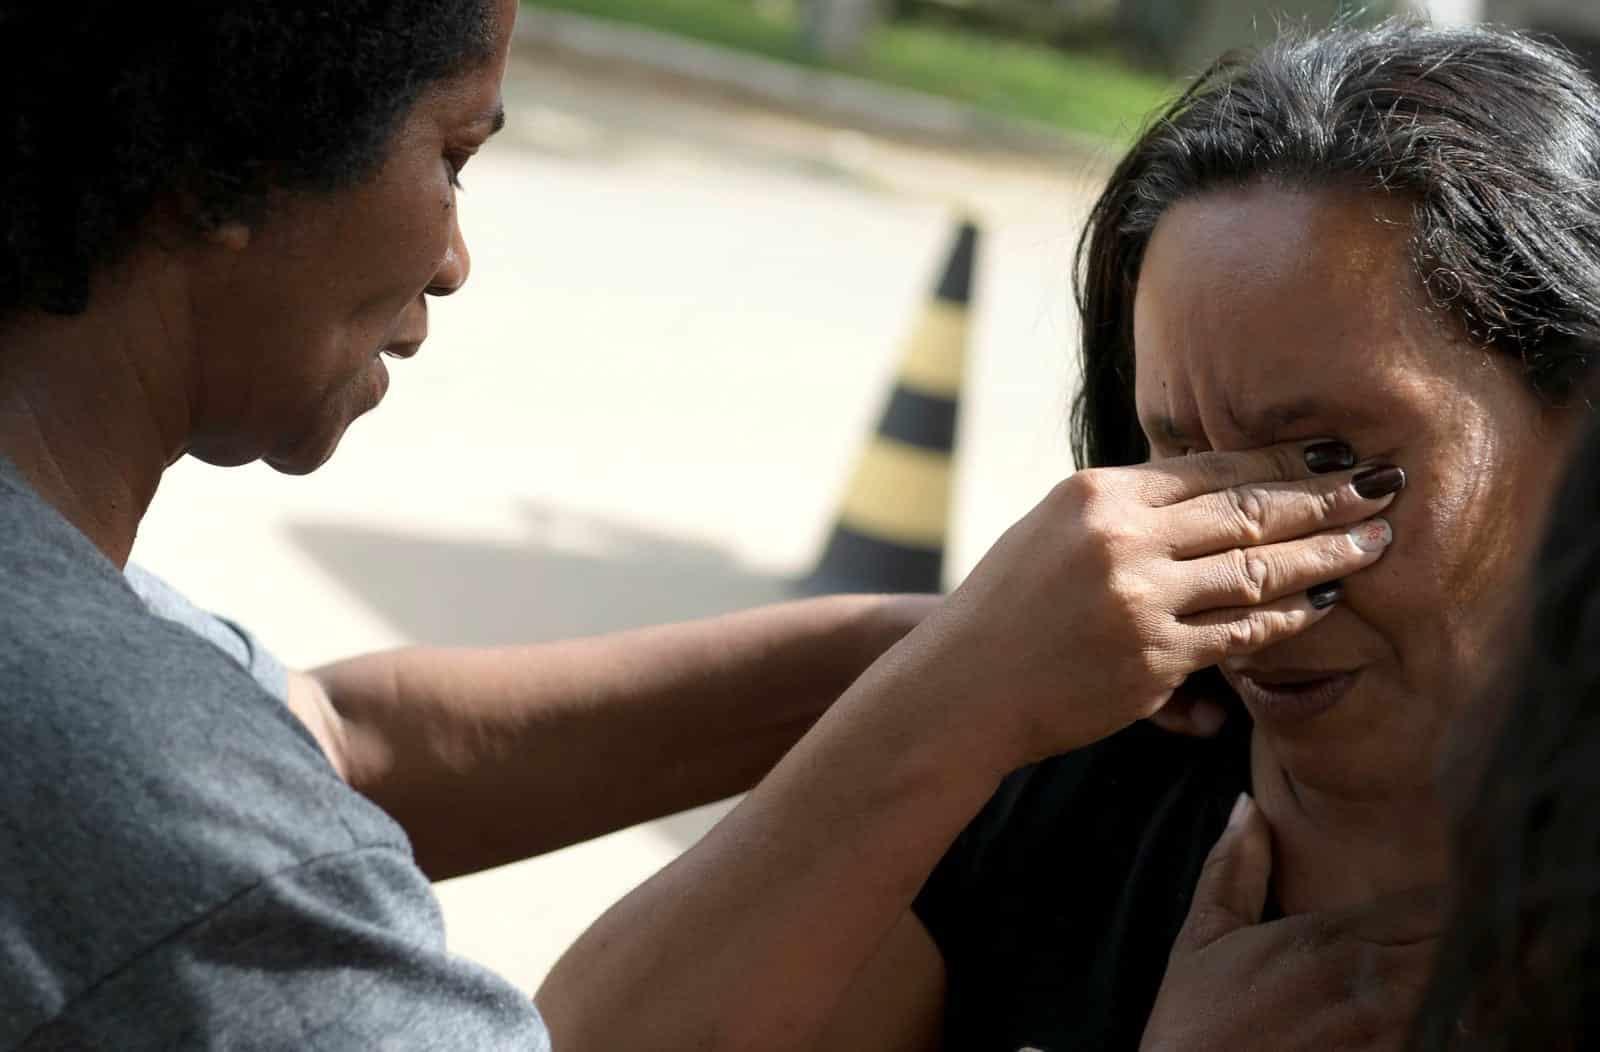 30 fotos que revelam o desespero da tragédia em Brumadinho